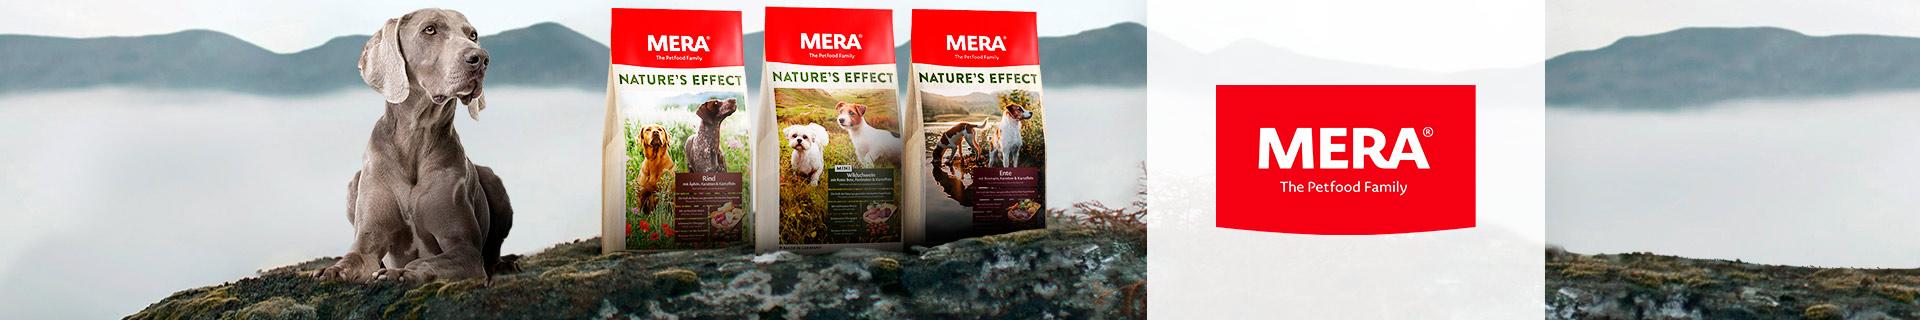 Markenshop - Mera - Trockenfutter - Natures Effect